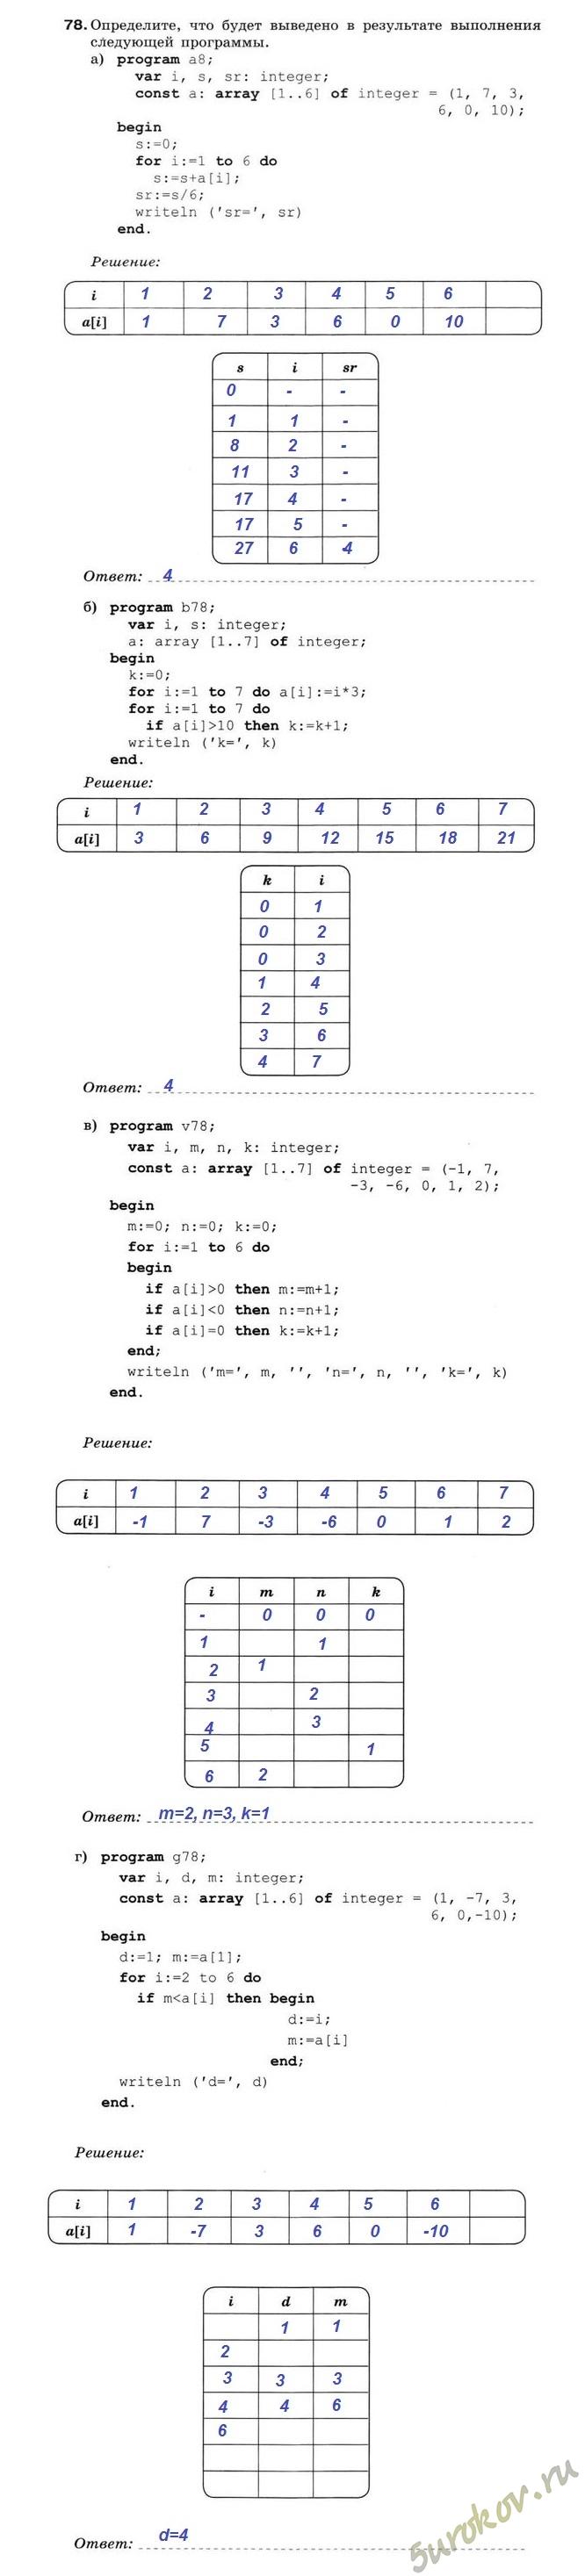 Решебник По Информатике 5 Класс Макарова Ответы К Заданию П-2.4